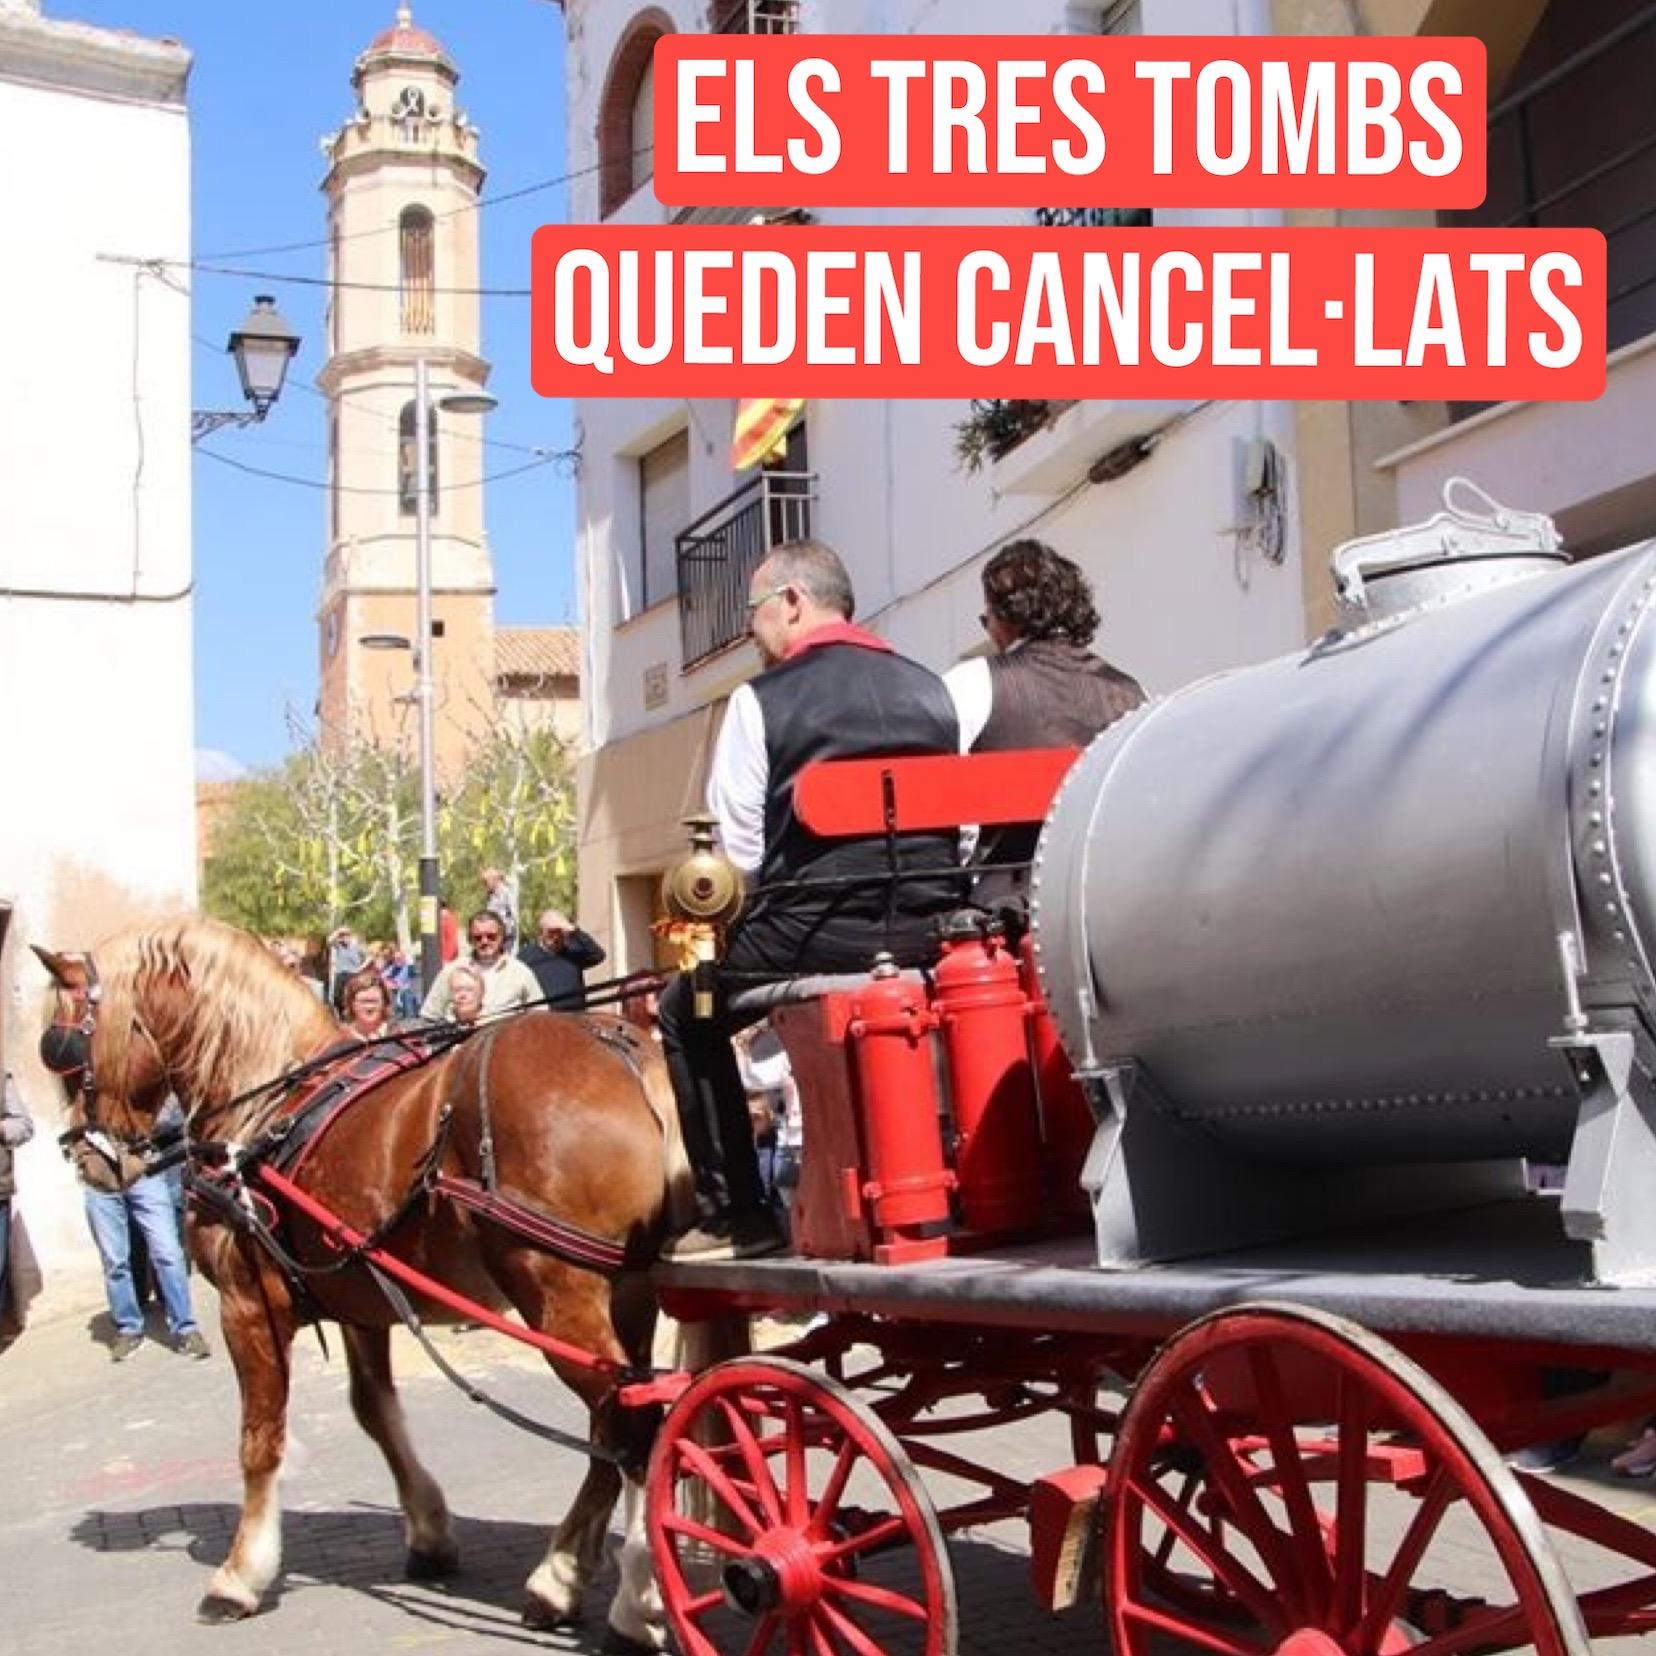 L'Ajuntament de la Bisbal del Penedès suspèn la celebració dels Tres Tombs d'enguany